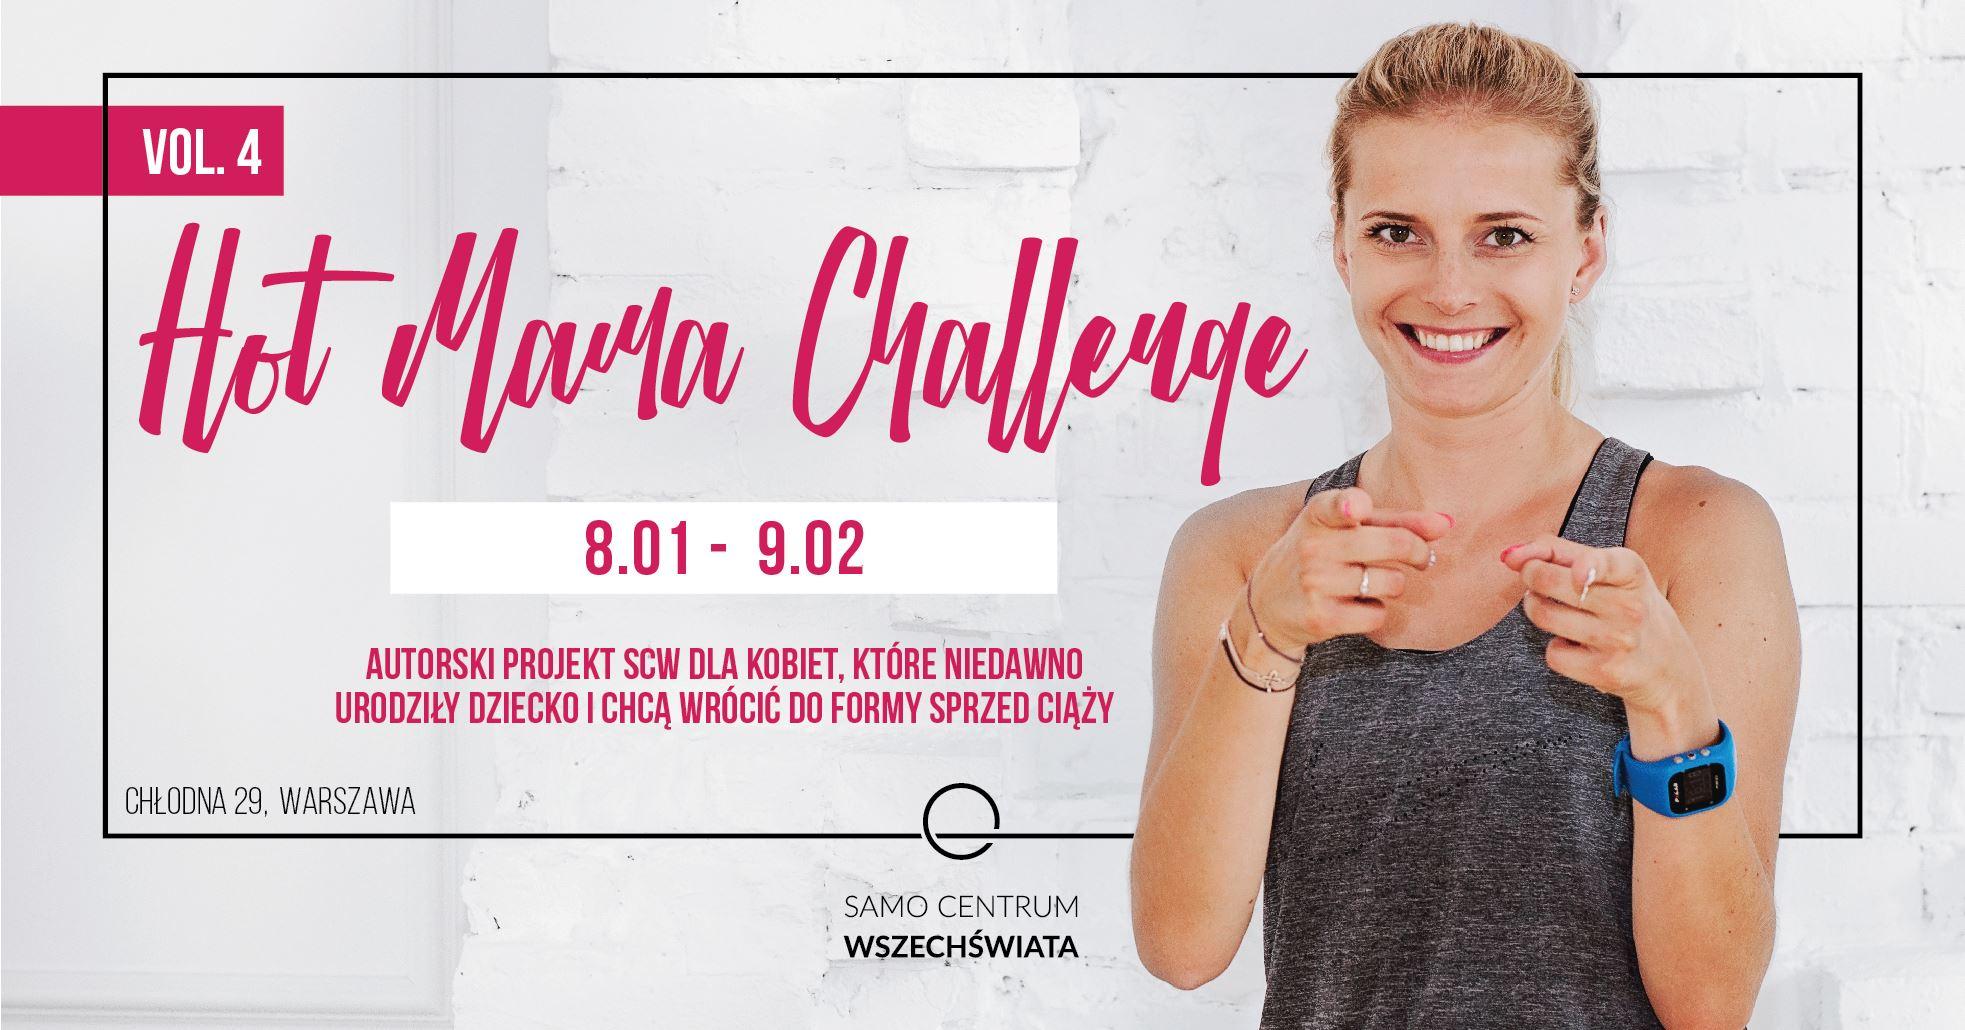 Hot MAMA Challenge – wyzwanie dla każdej Mamy